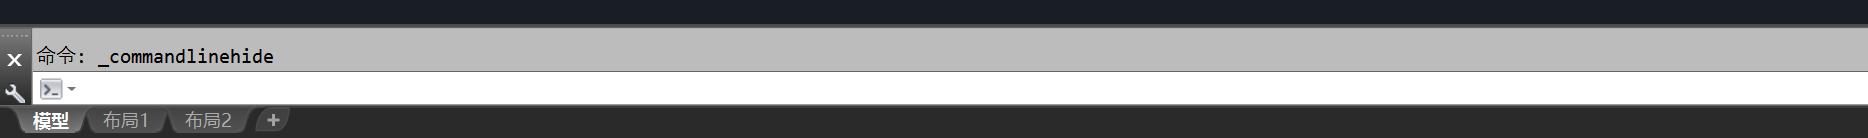 CAD命令行怎么恢复到初始状态(将命令行放回原来位置的方法)